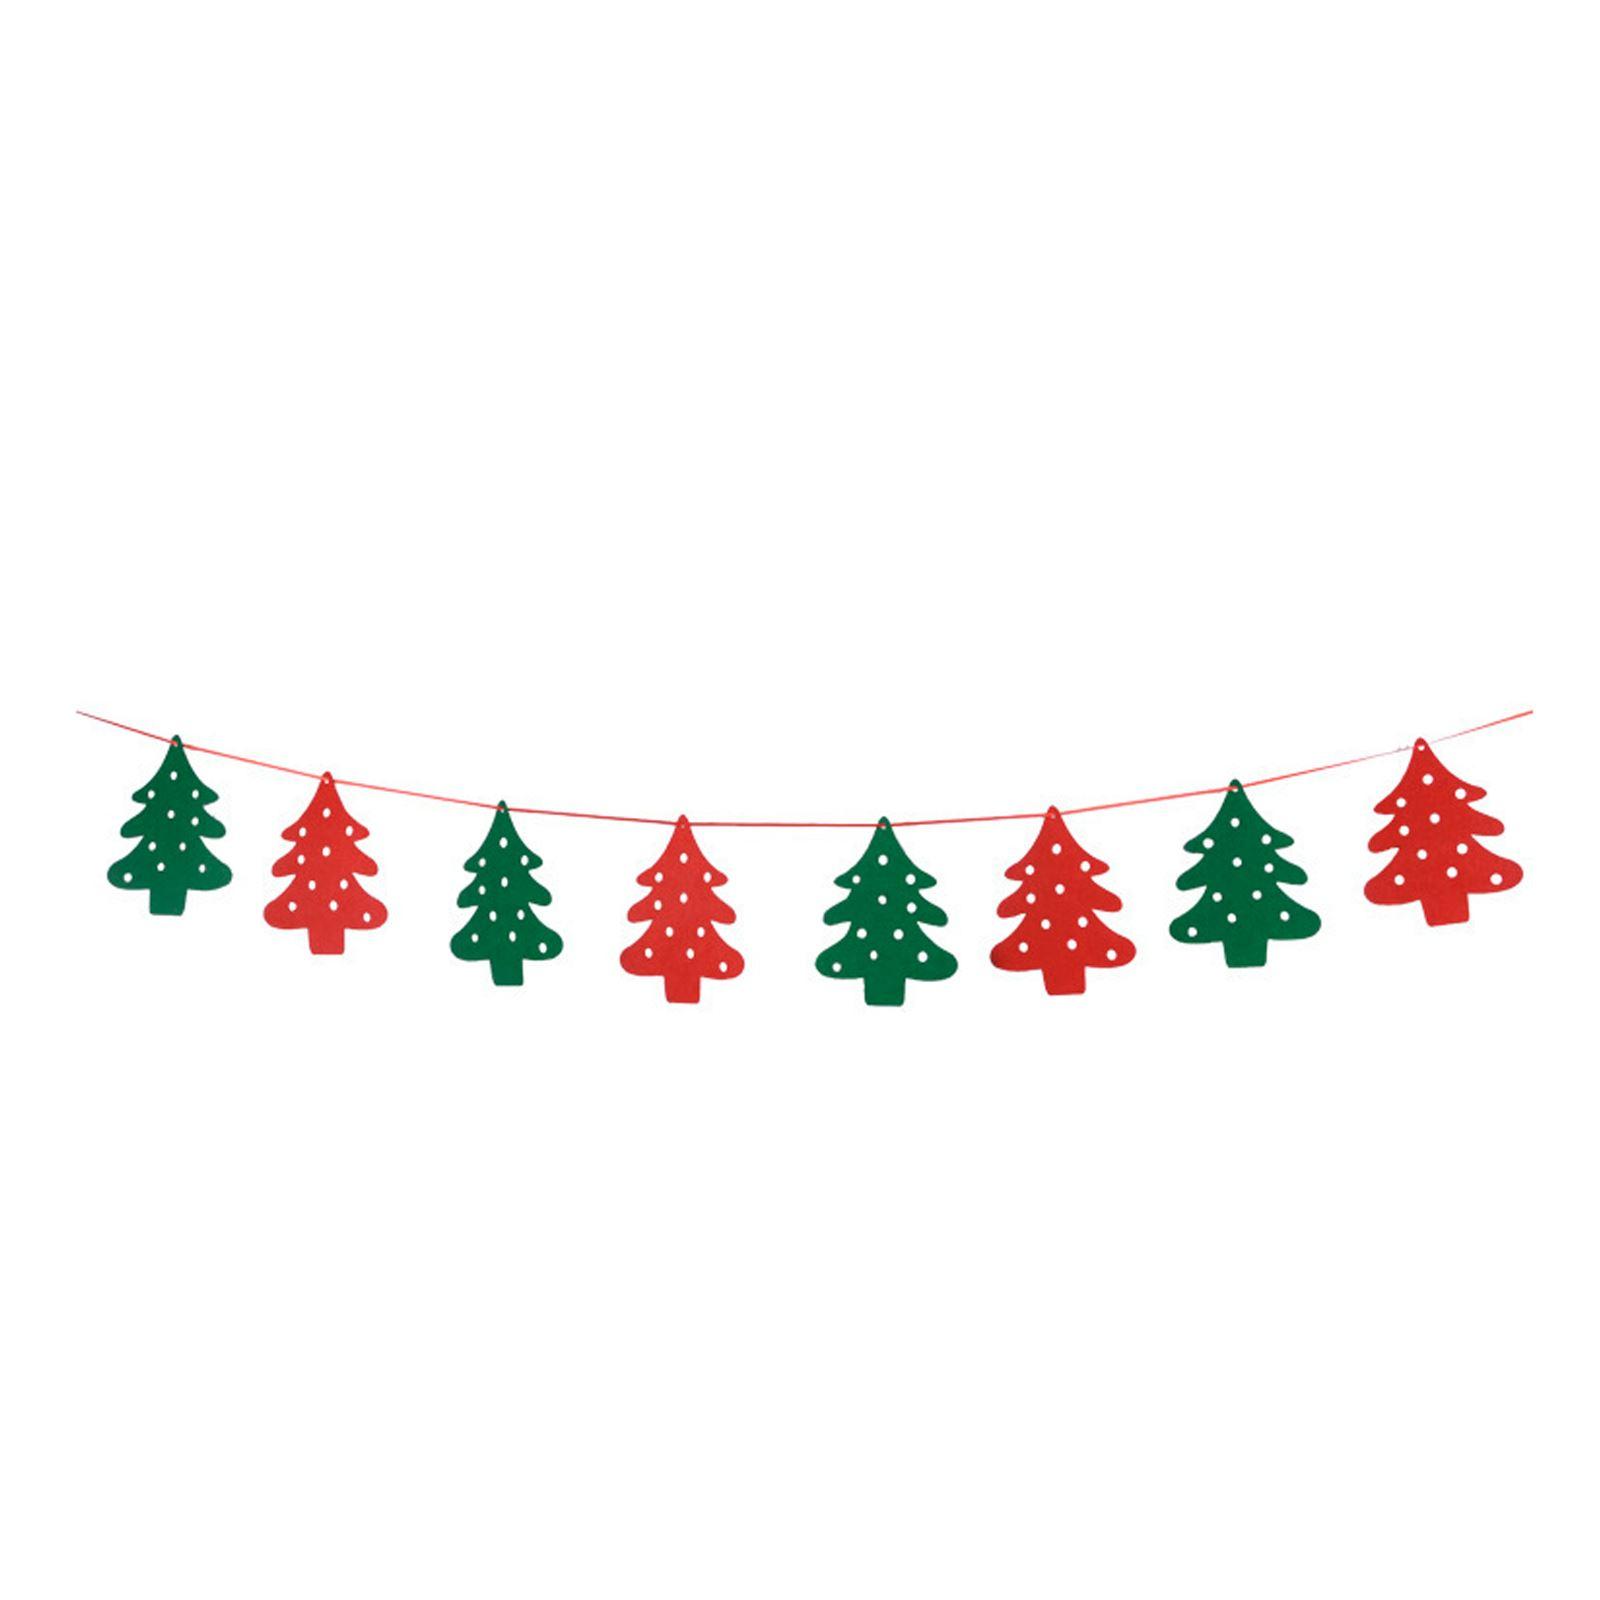 Snowflake Reindeer Nordic Santa Gingerbread MERRY CHRISTMAS handmade bunting